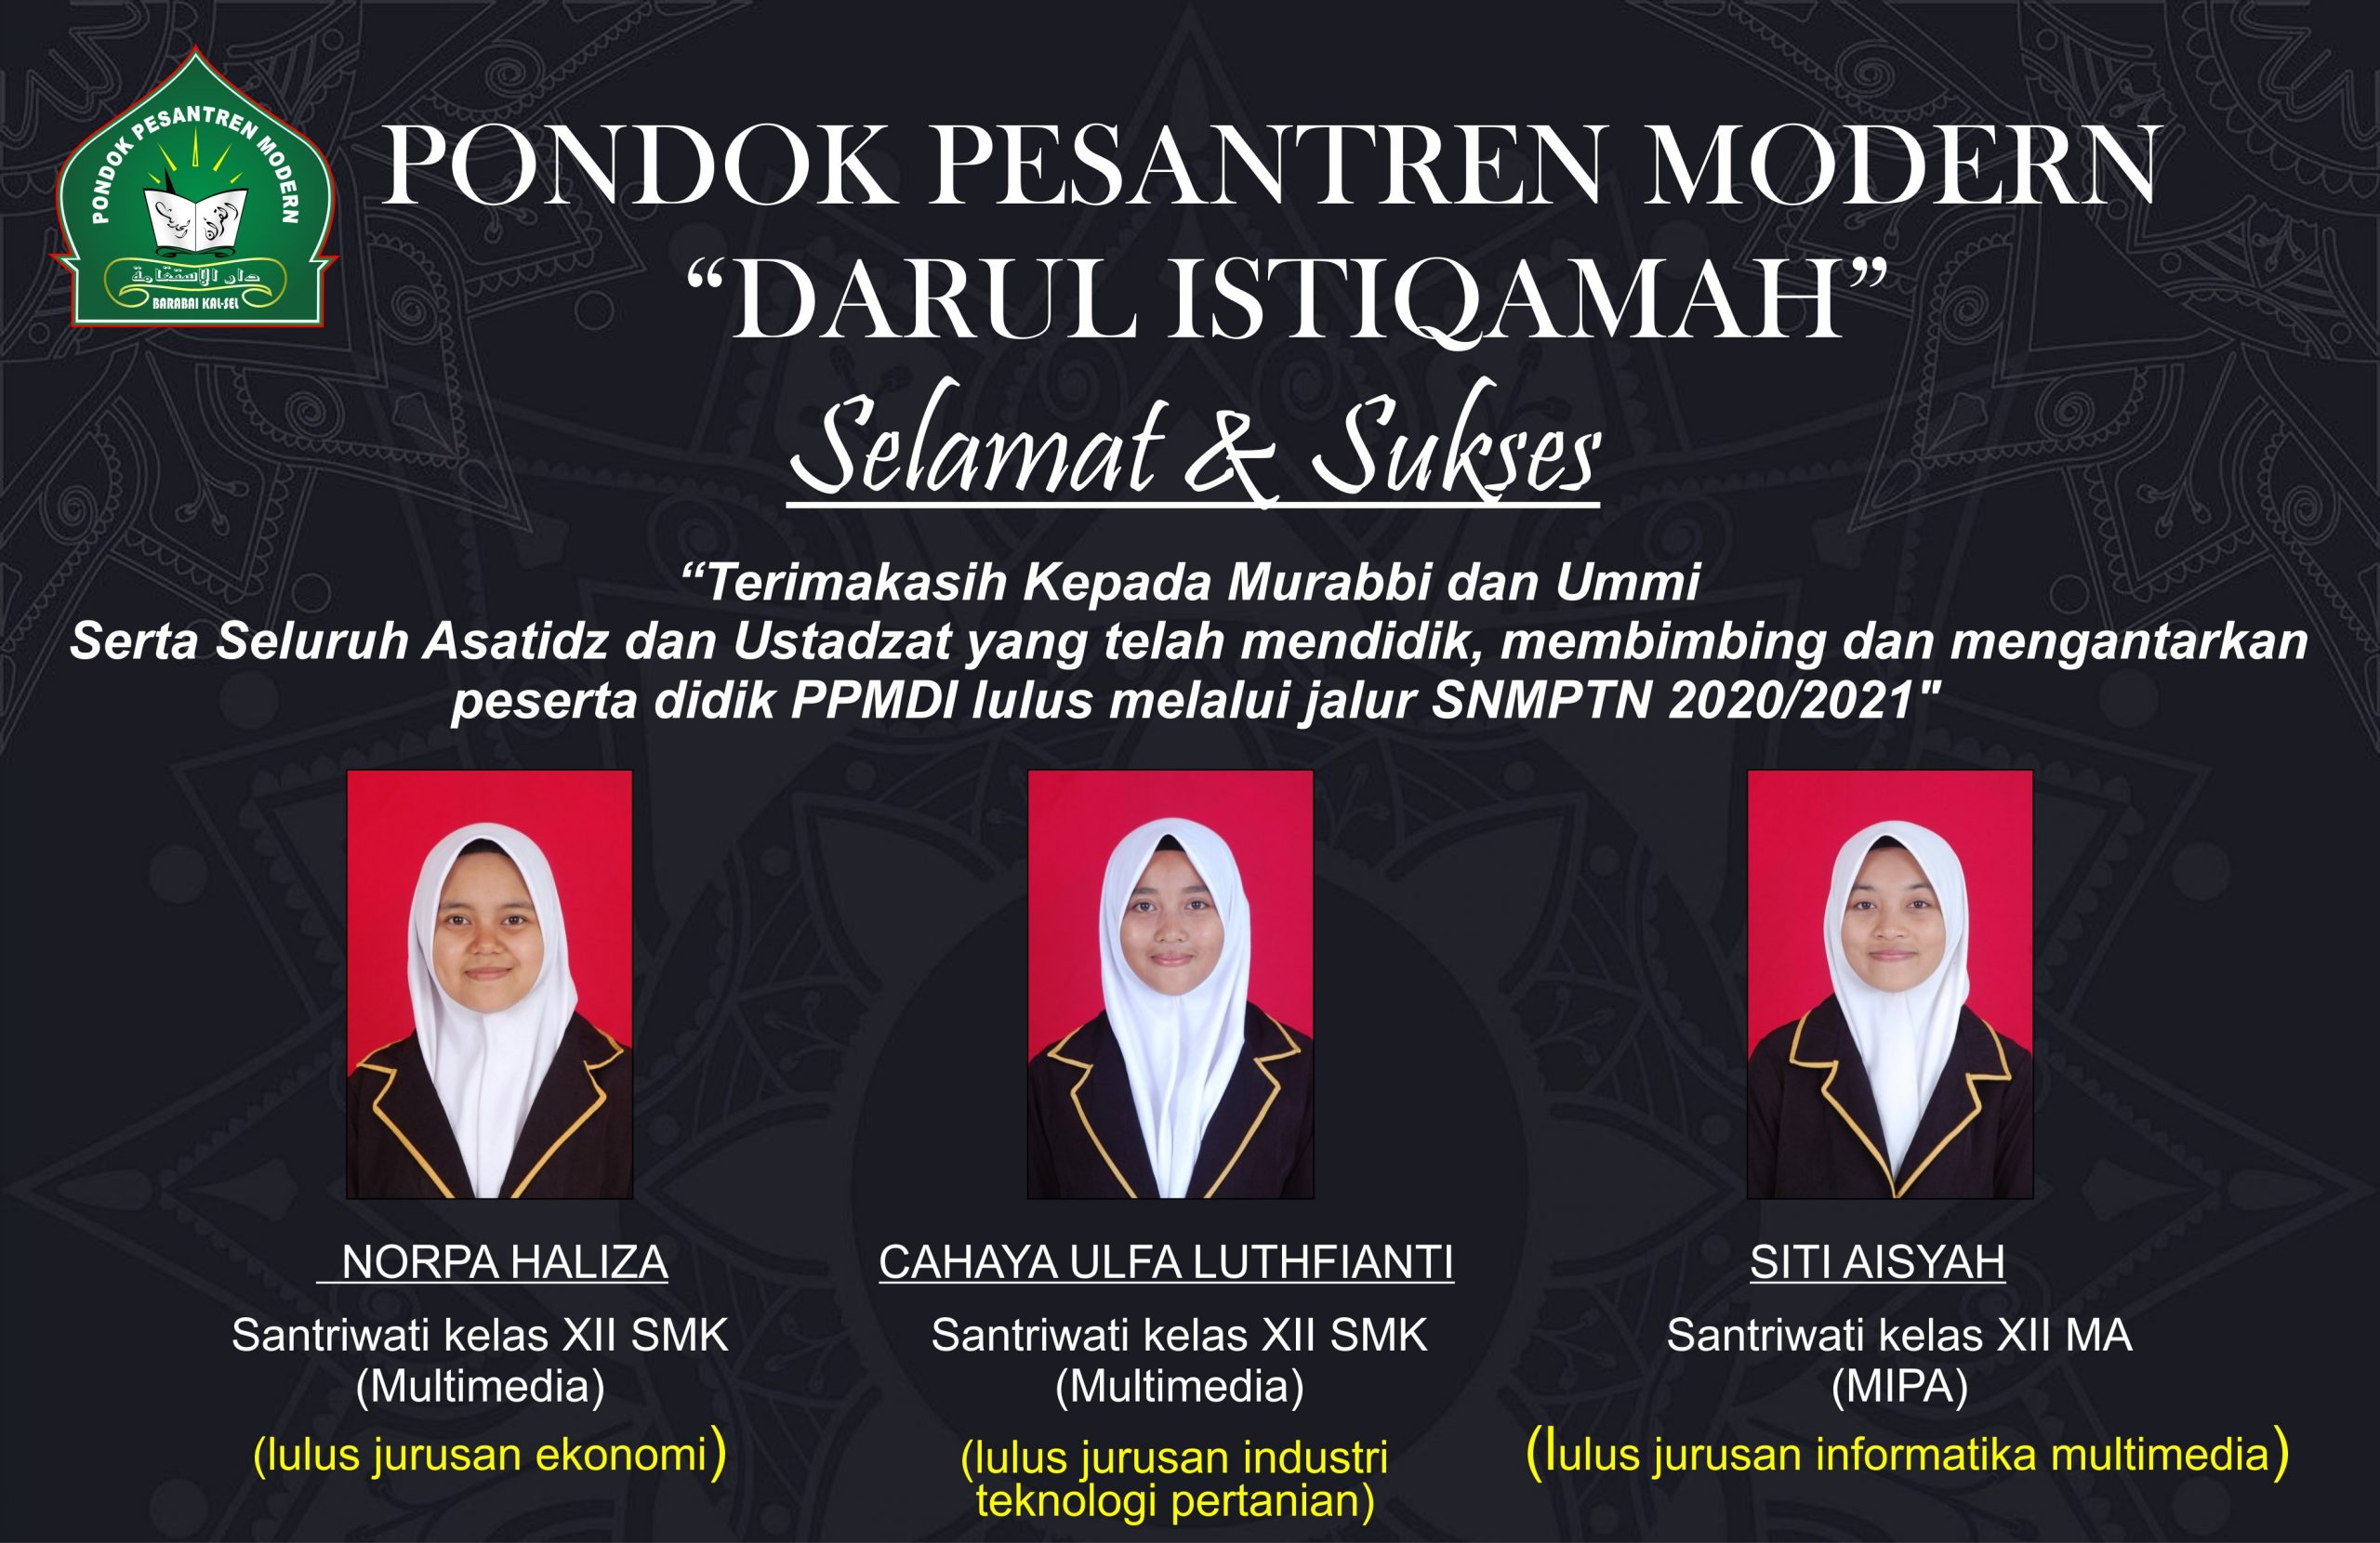 Tiga Peserta Didik PPMDI Berhasil Lulus SNMPTN 2021